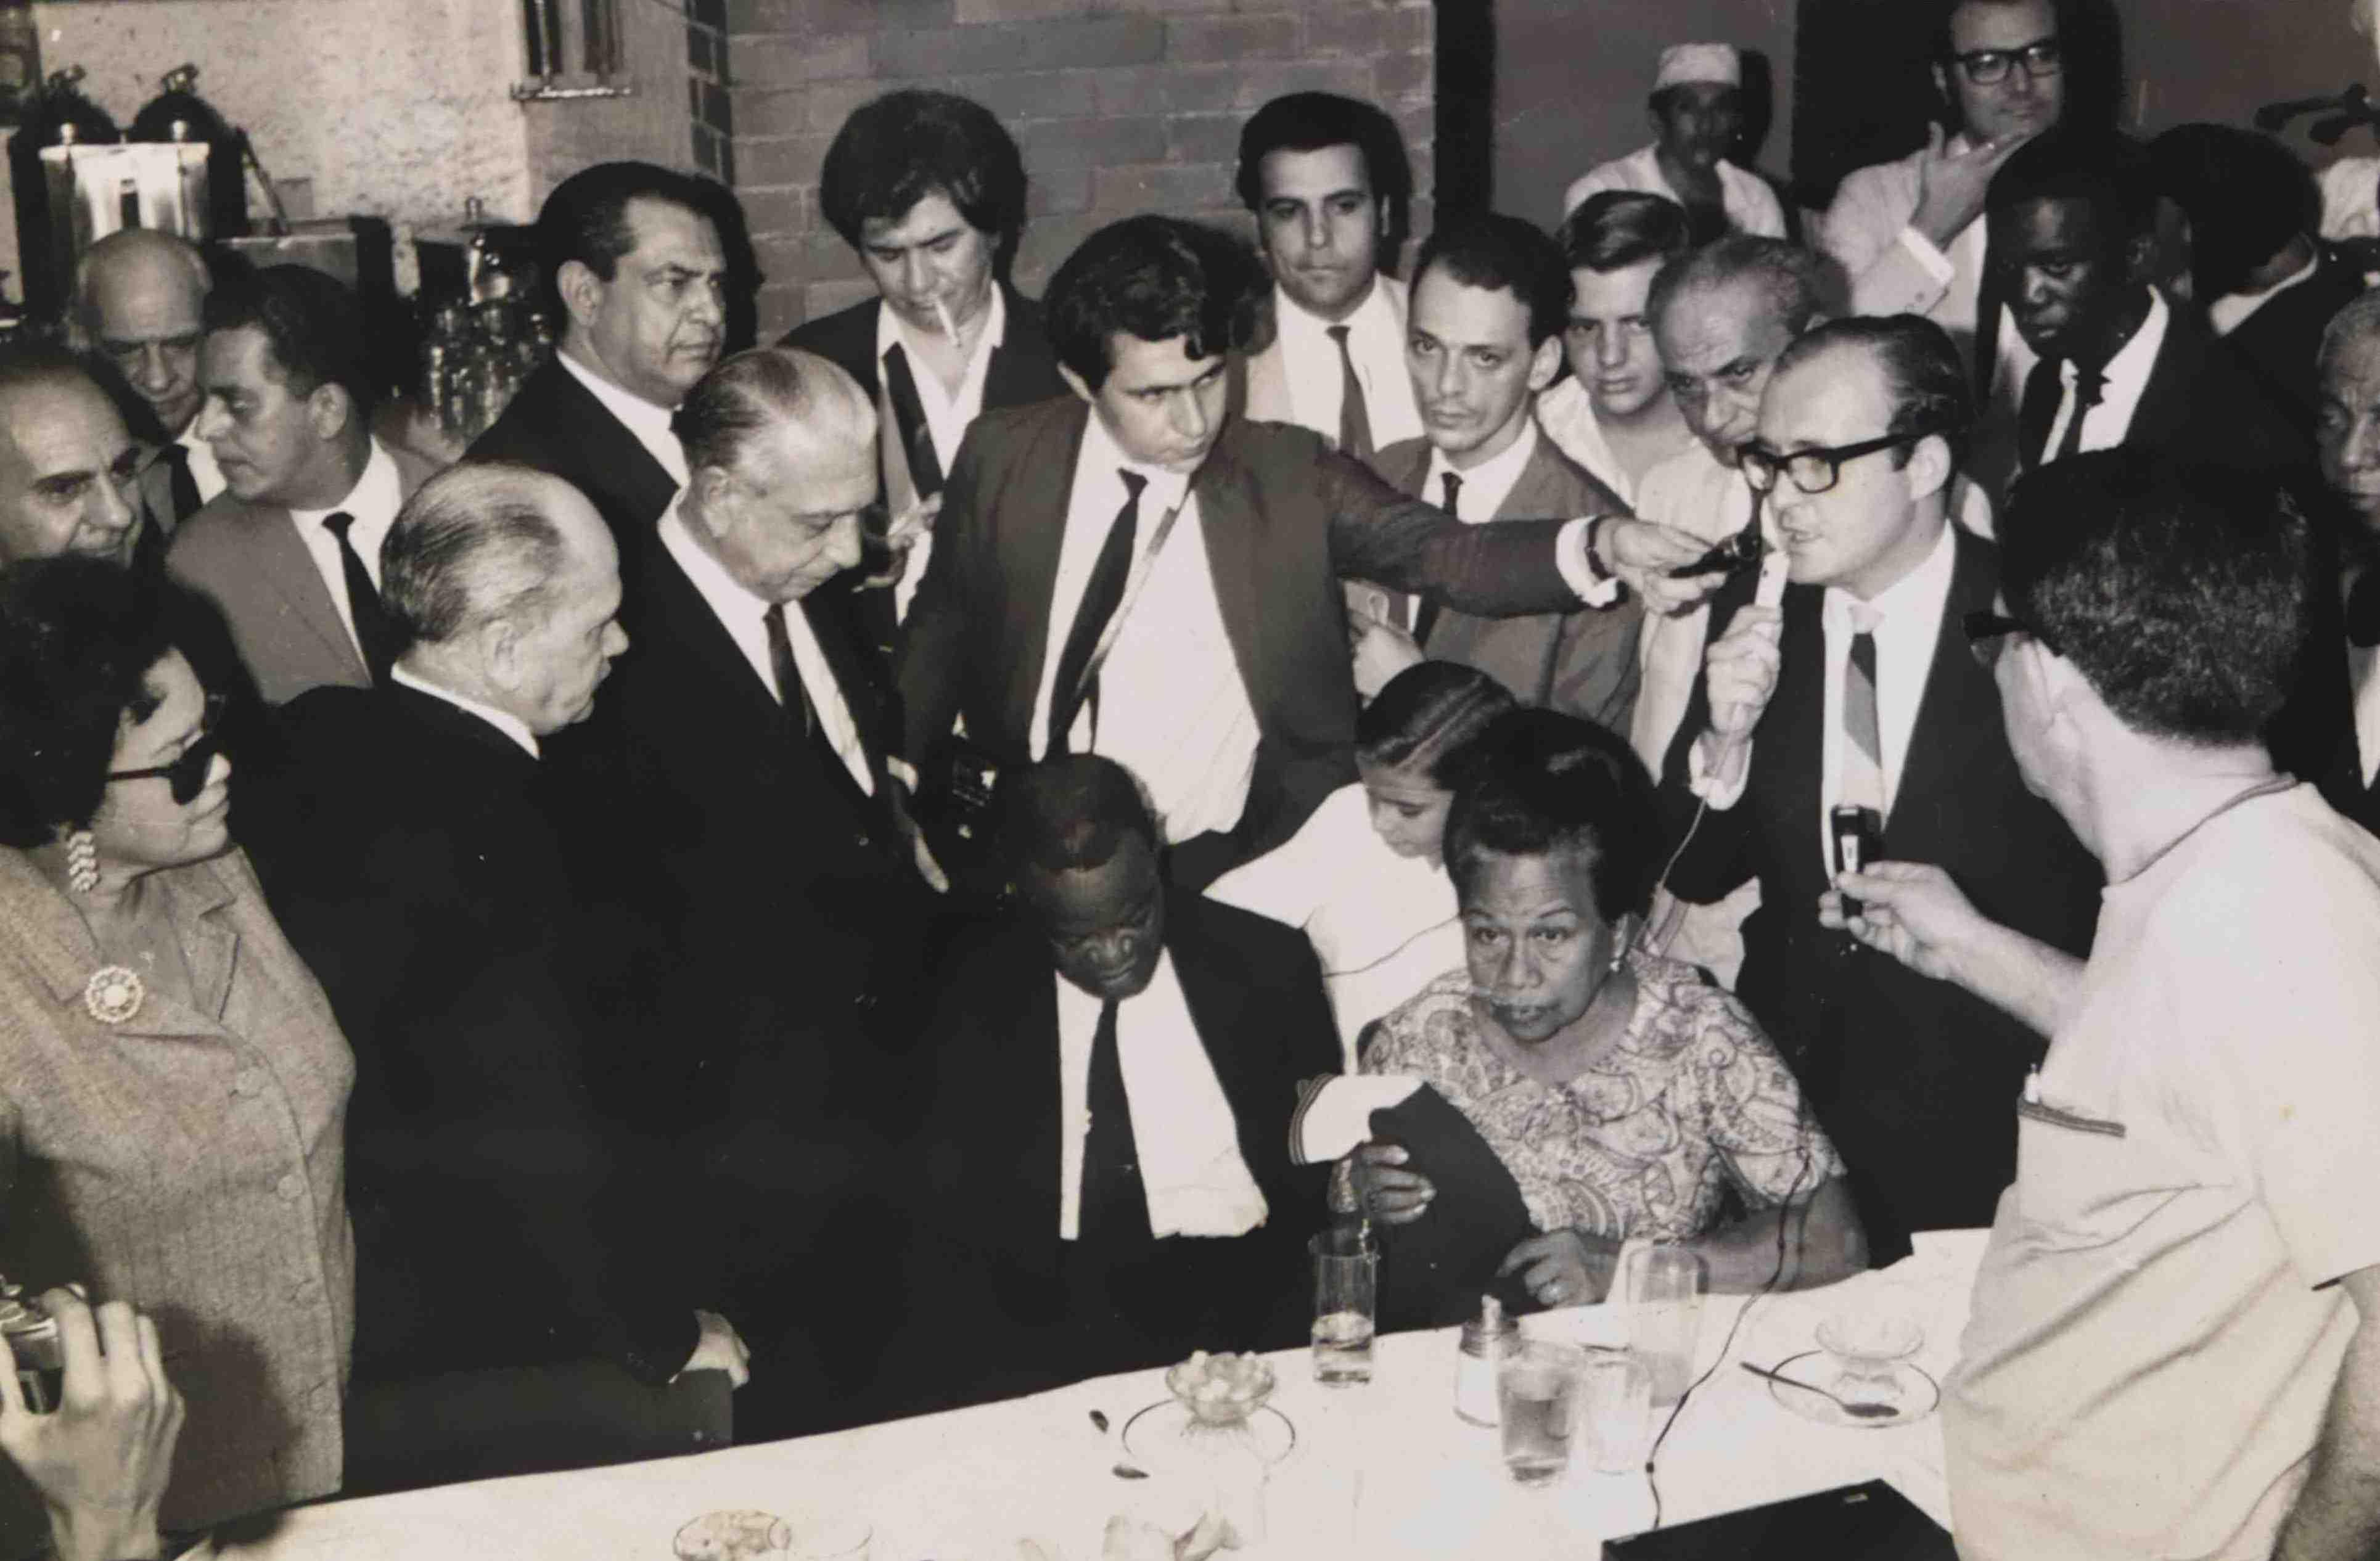 Pixinguinha e Betty (sentados) durante comemoração pelo 70º aniversário de Pixinguinha (que na verdade fazia 71 anos). Em pé, à direita de Pixinguinha, está Negrão de Lima, governador da Guanabara, Jacob do Bandolim em frente a Betty e Ricardo Cravo Albin à sua esquerda. Churrascaria Tijucana, Rio de Janeiro, abril de 1968 (MIS_JBandolim_474 / Acervo Jacob do Bandolim / MIS-RJ)